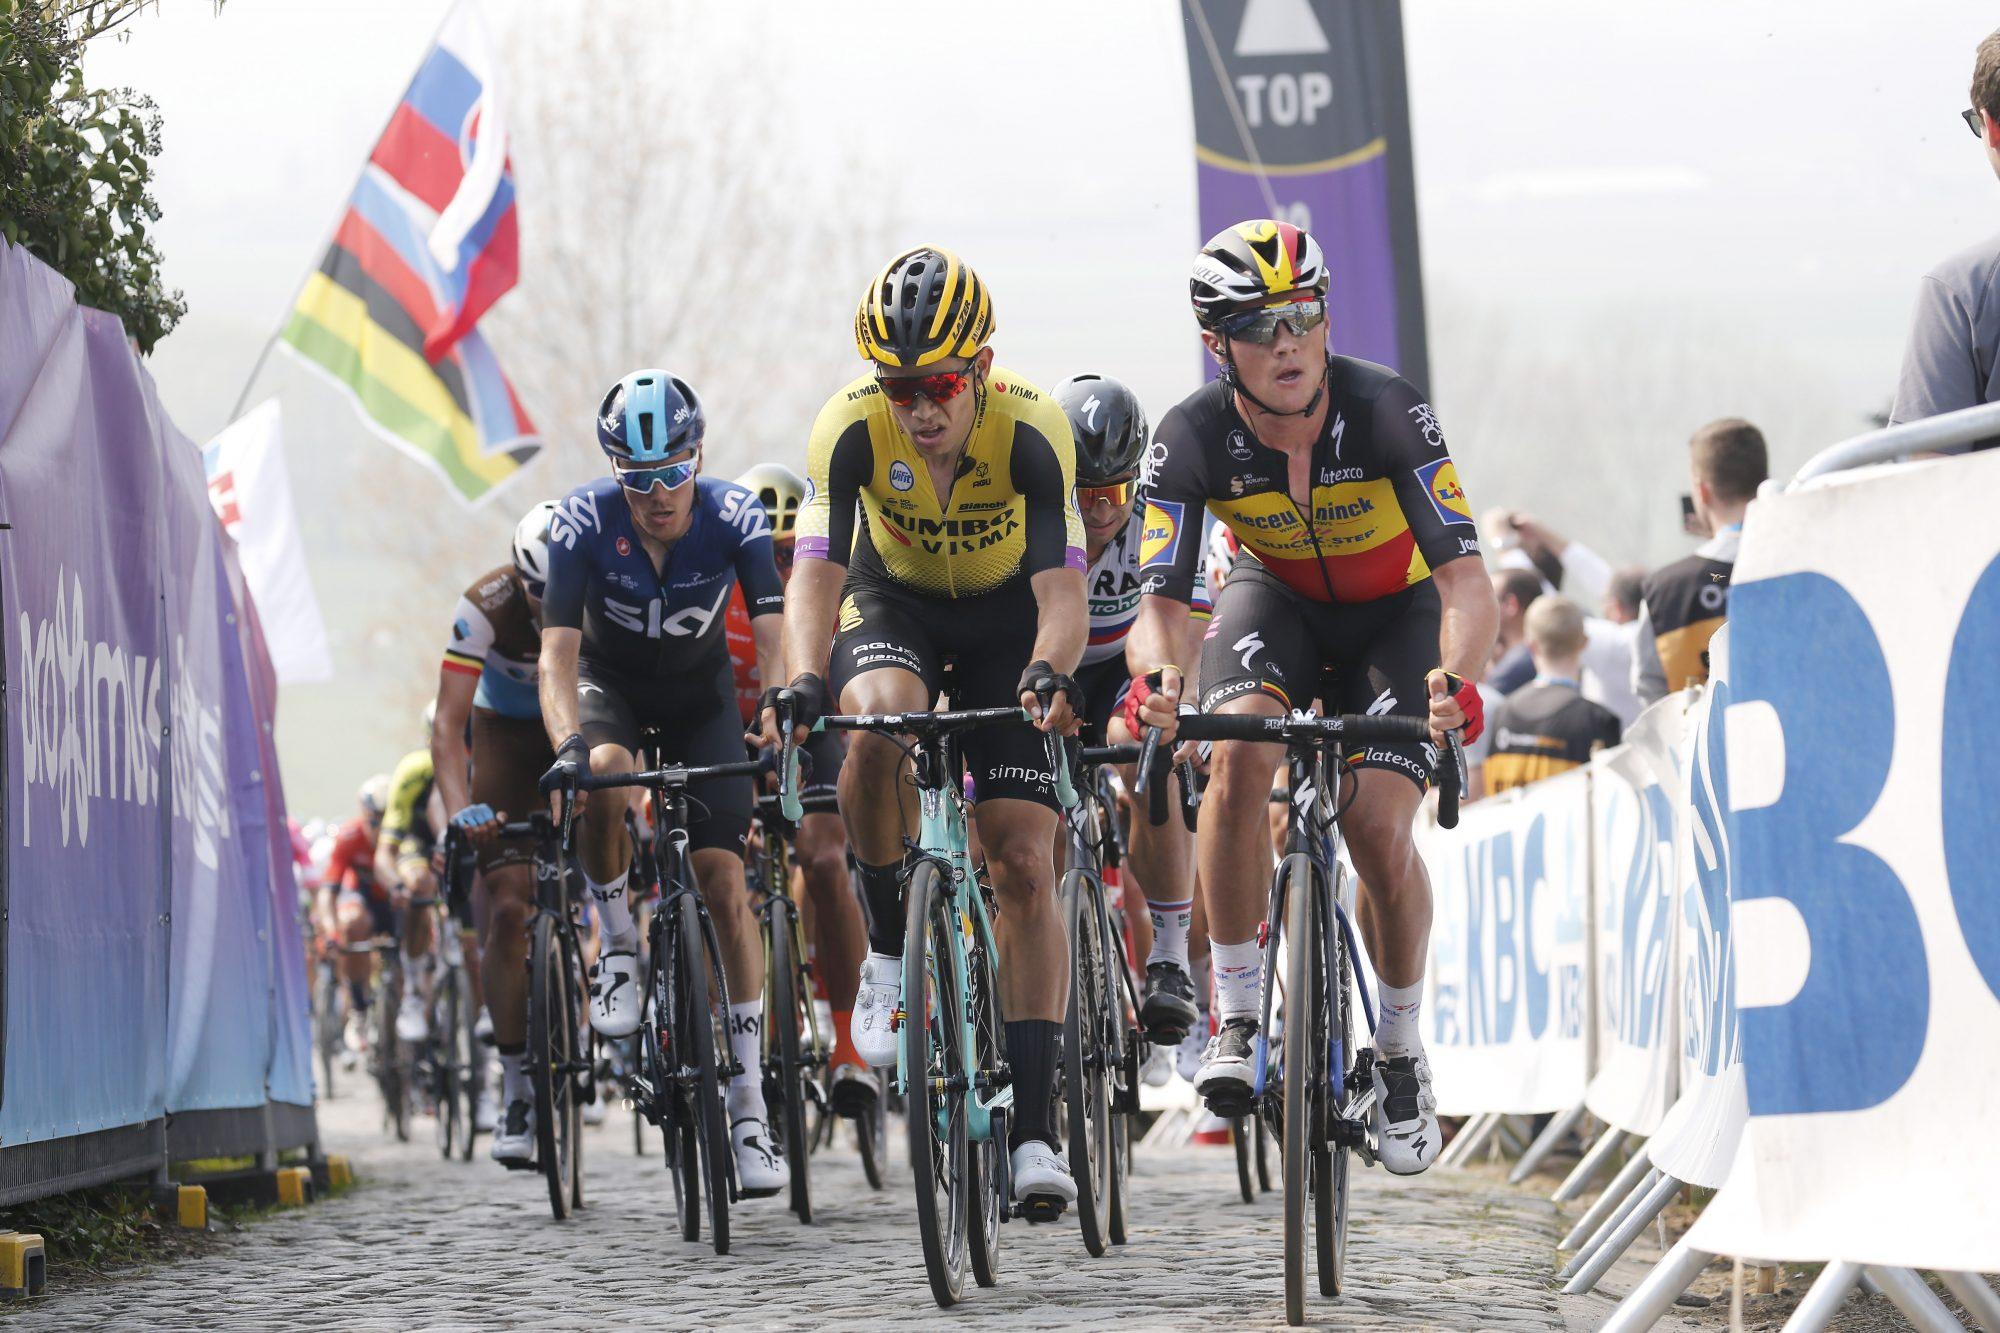 Wout van Aert criticises Peter Sagan after Tour of Flanders